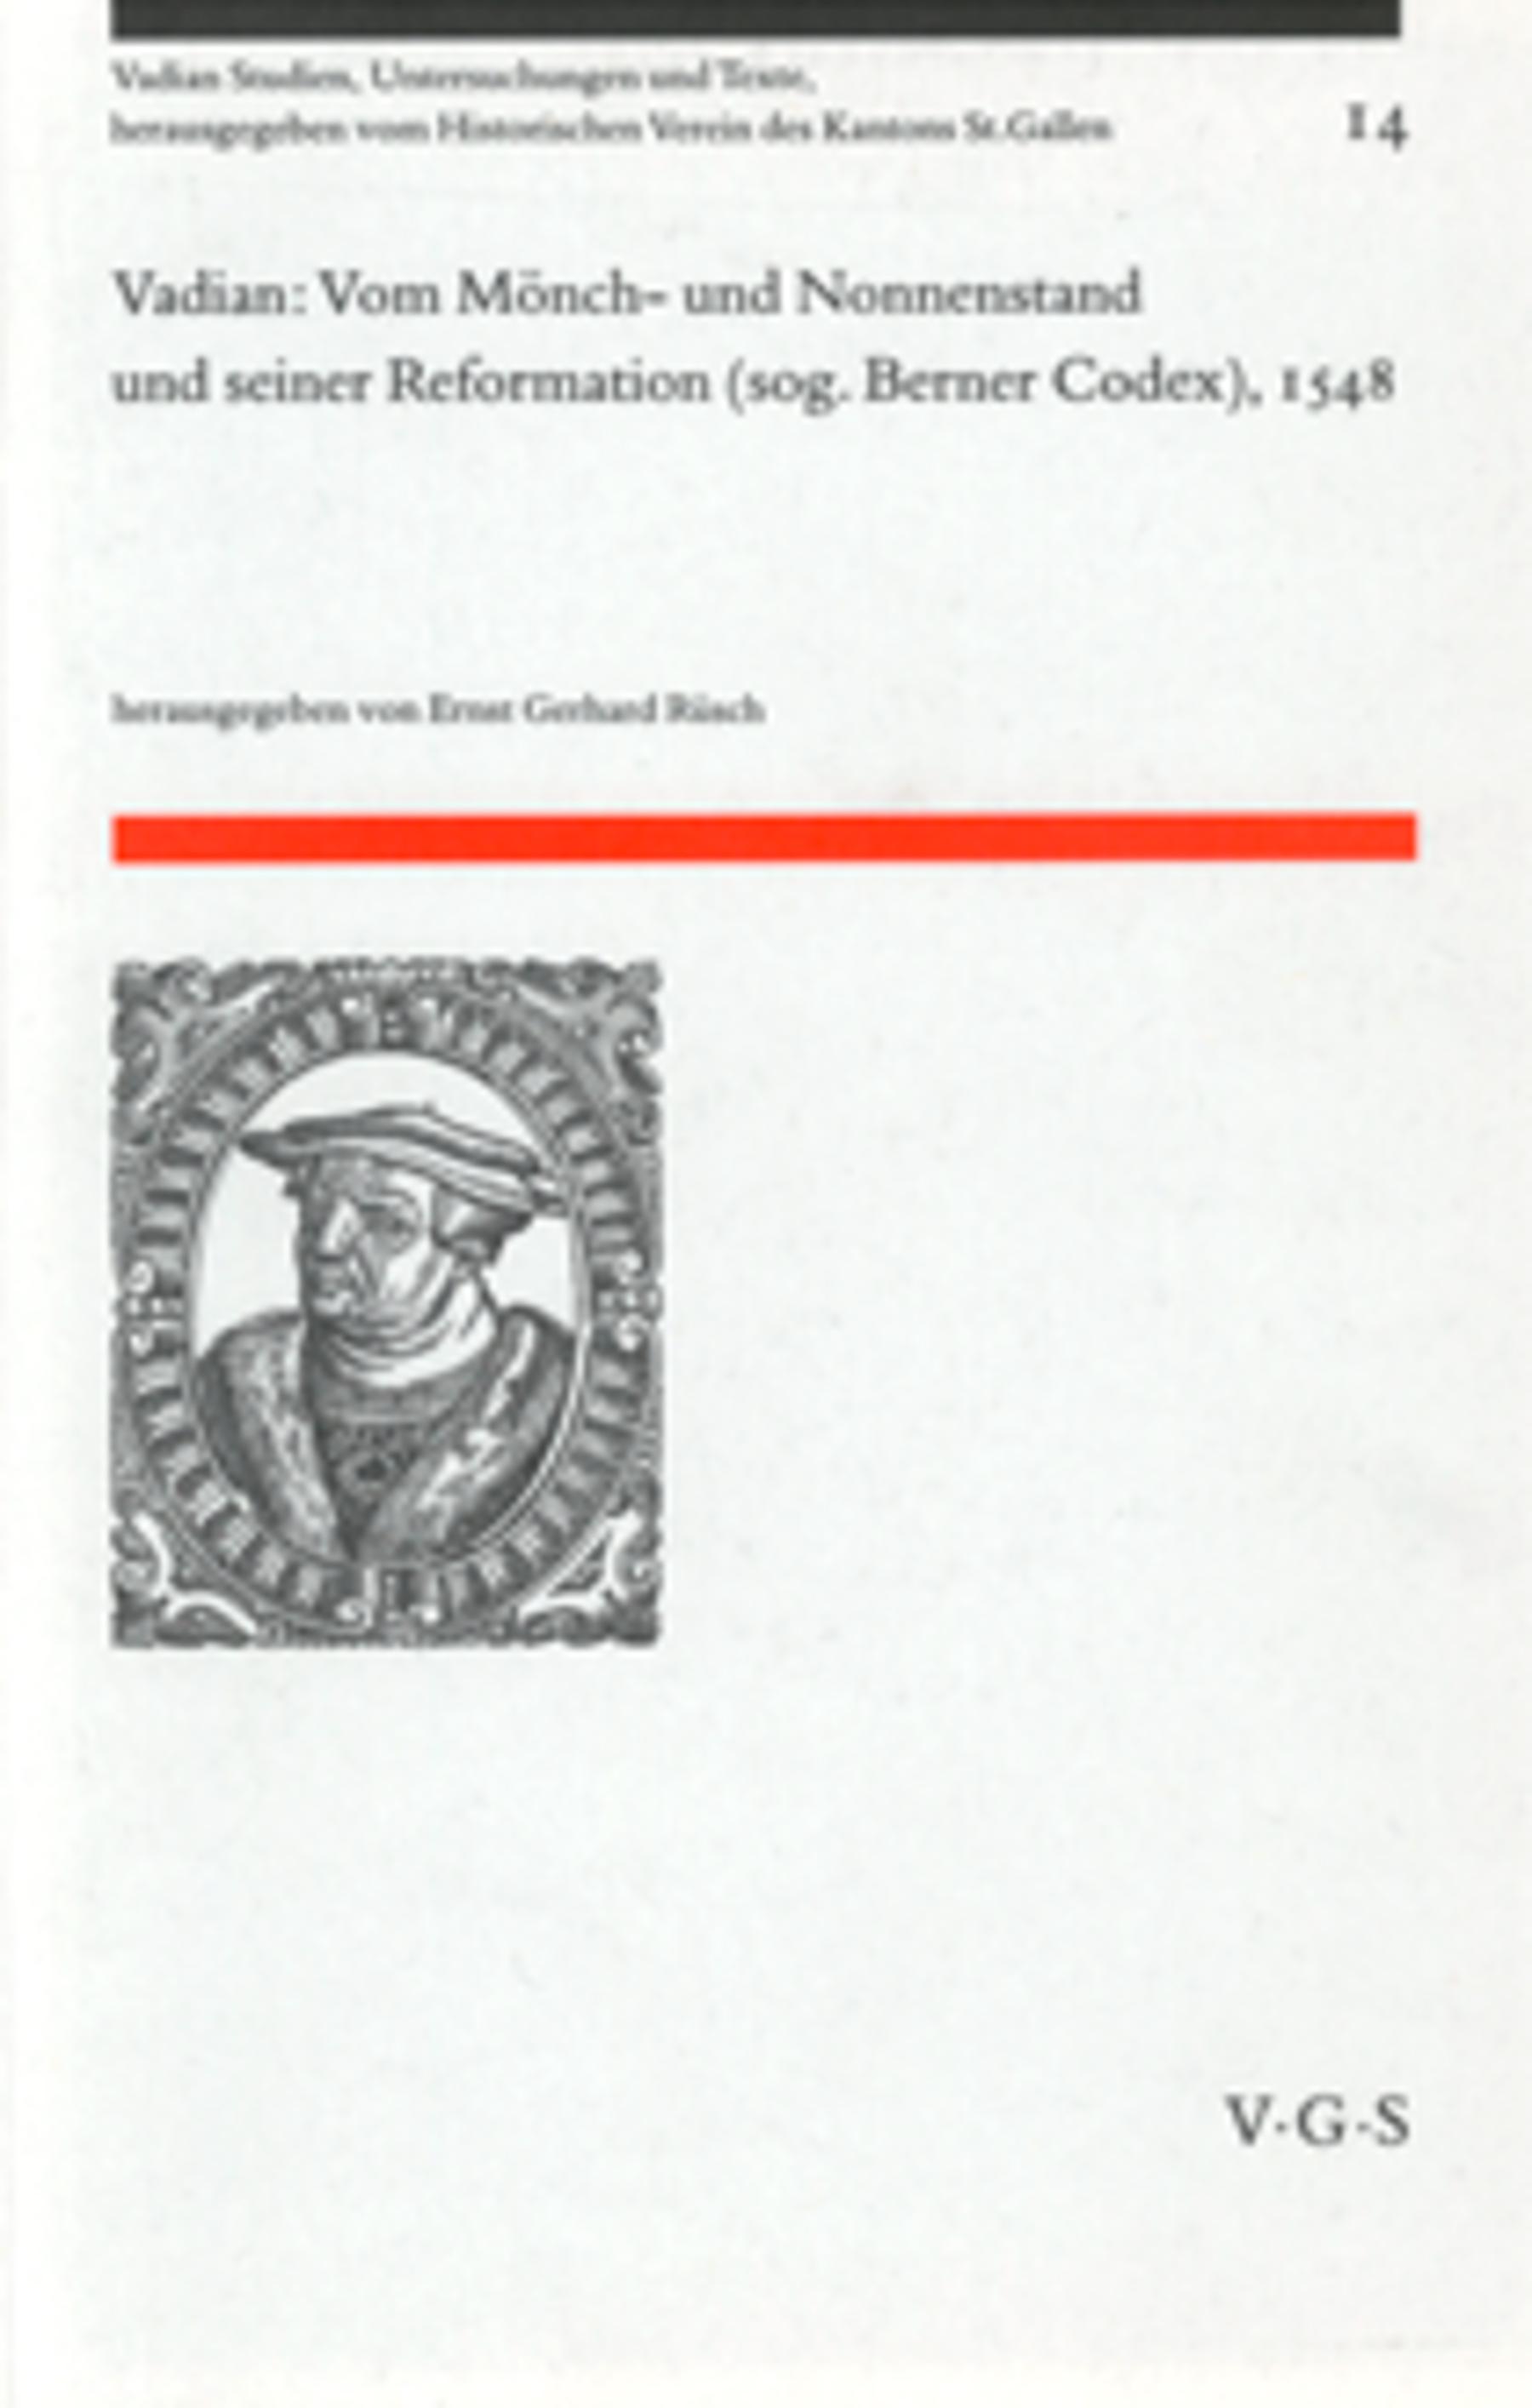 <p><p>und seiner Reformation (sog. Berner Cod